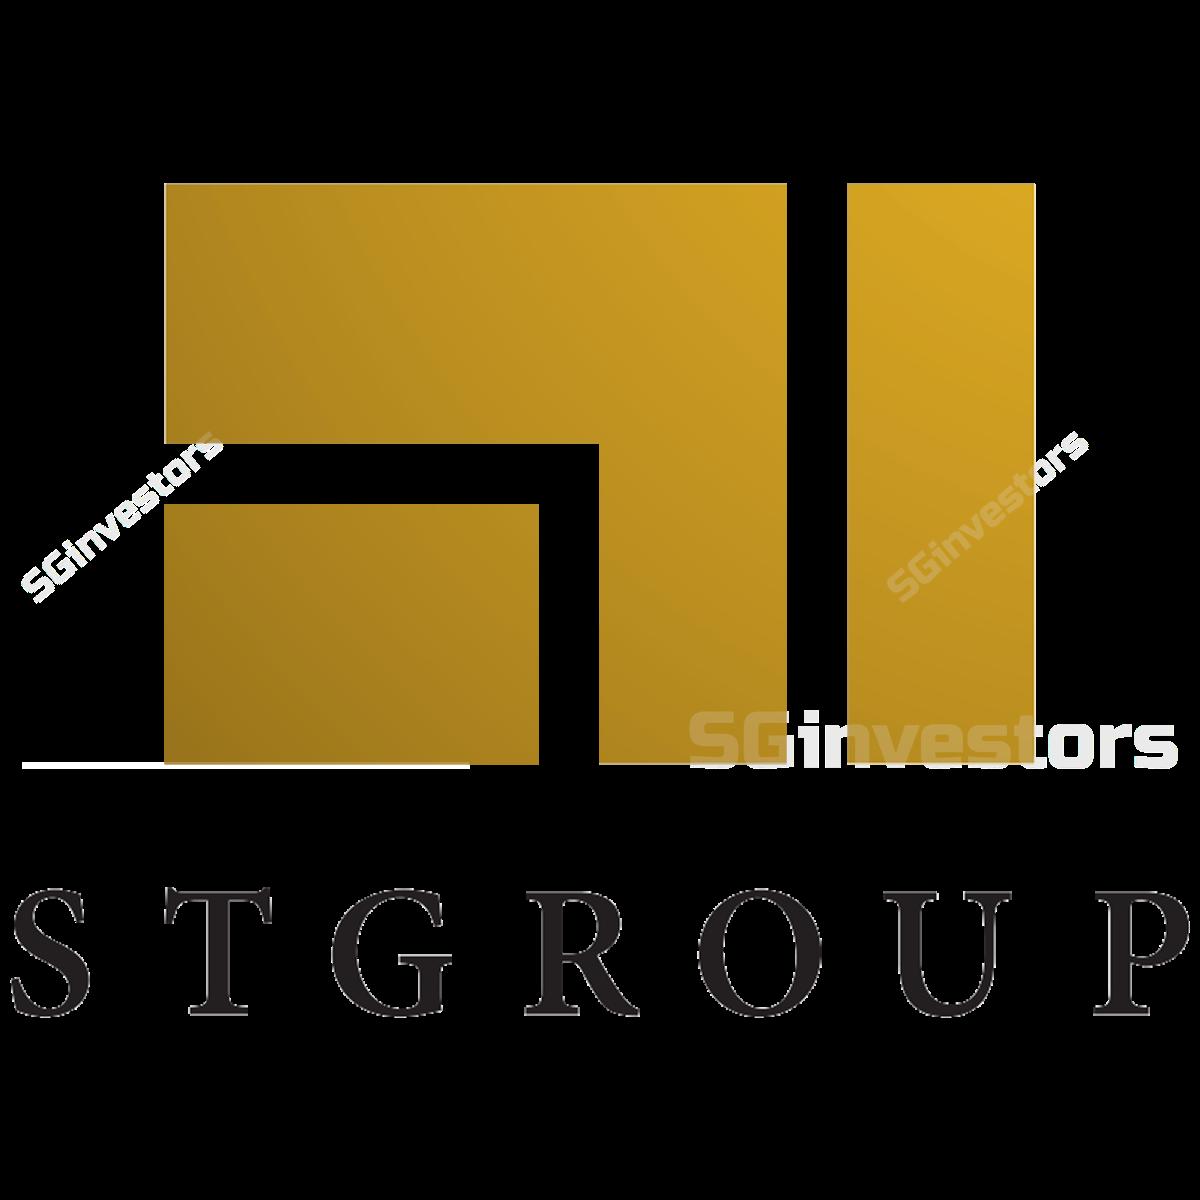 ST GROUP FOOD IND HLDG LIMITED (SGX:DRX) @ SGinvestors.io